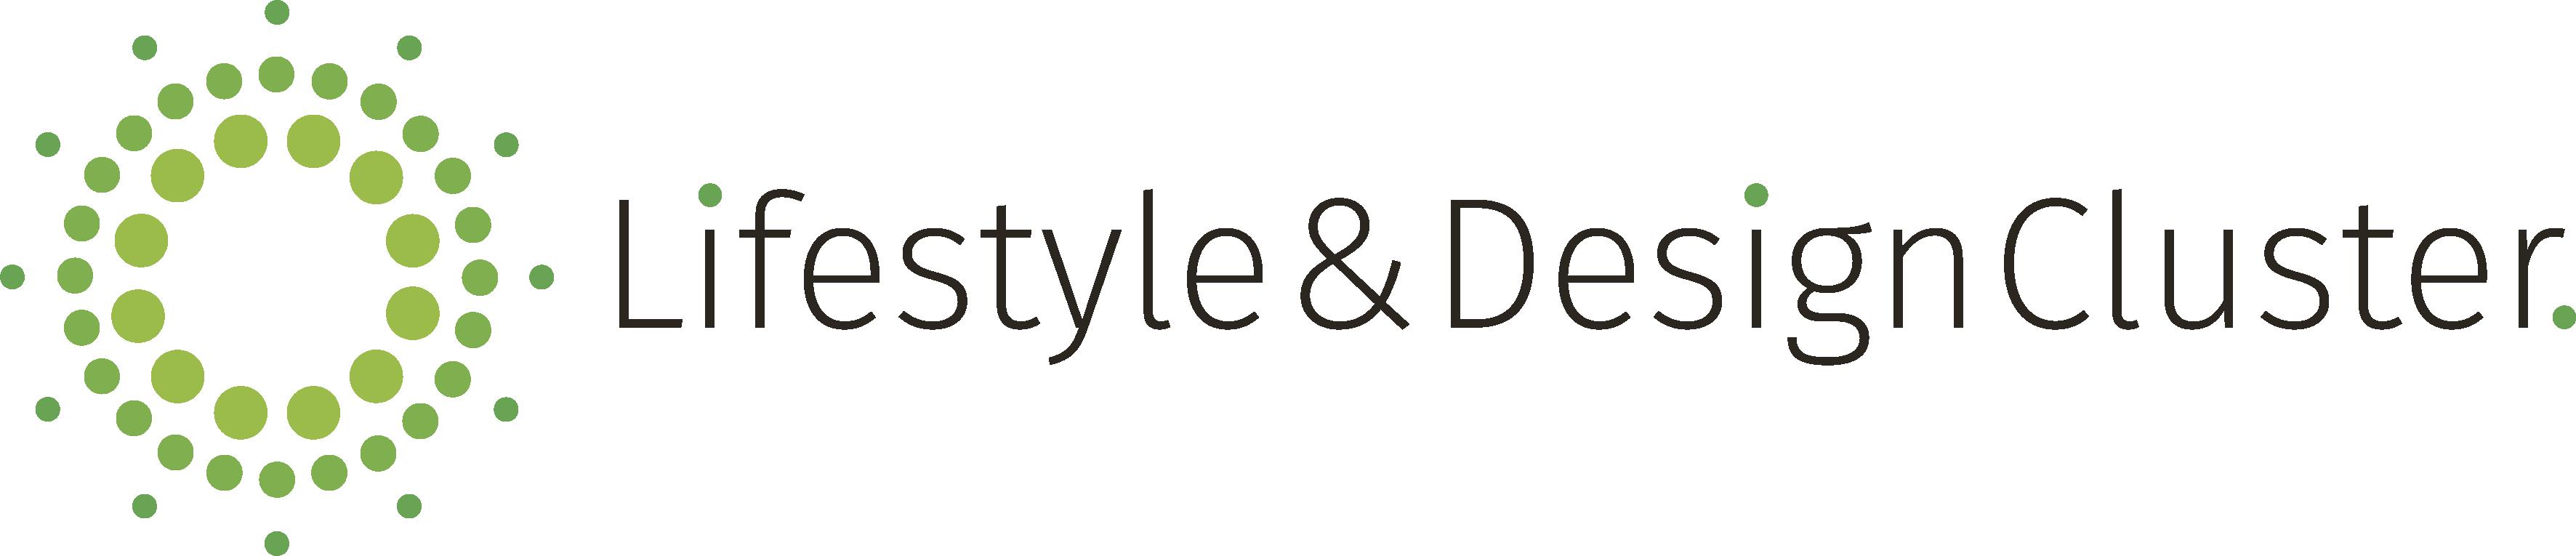 Lifestyle & Design Cluster Sikrer Sig Fineste Certificering For Tredje Gang I Træk